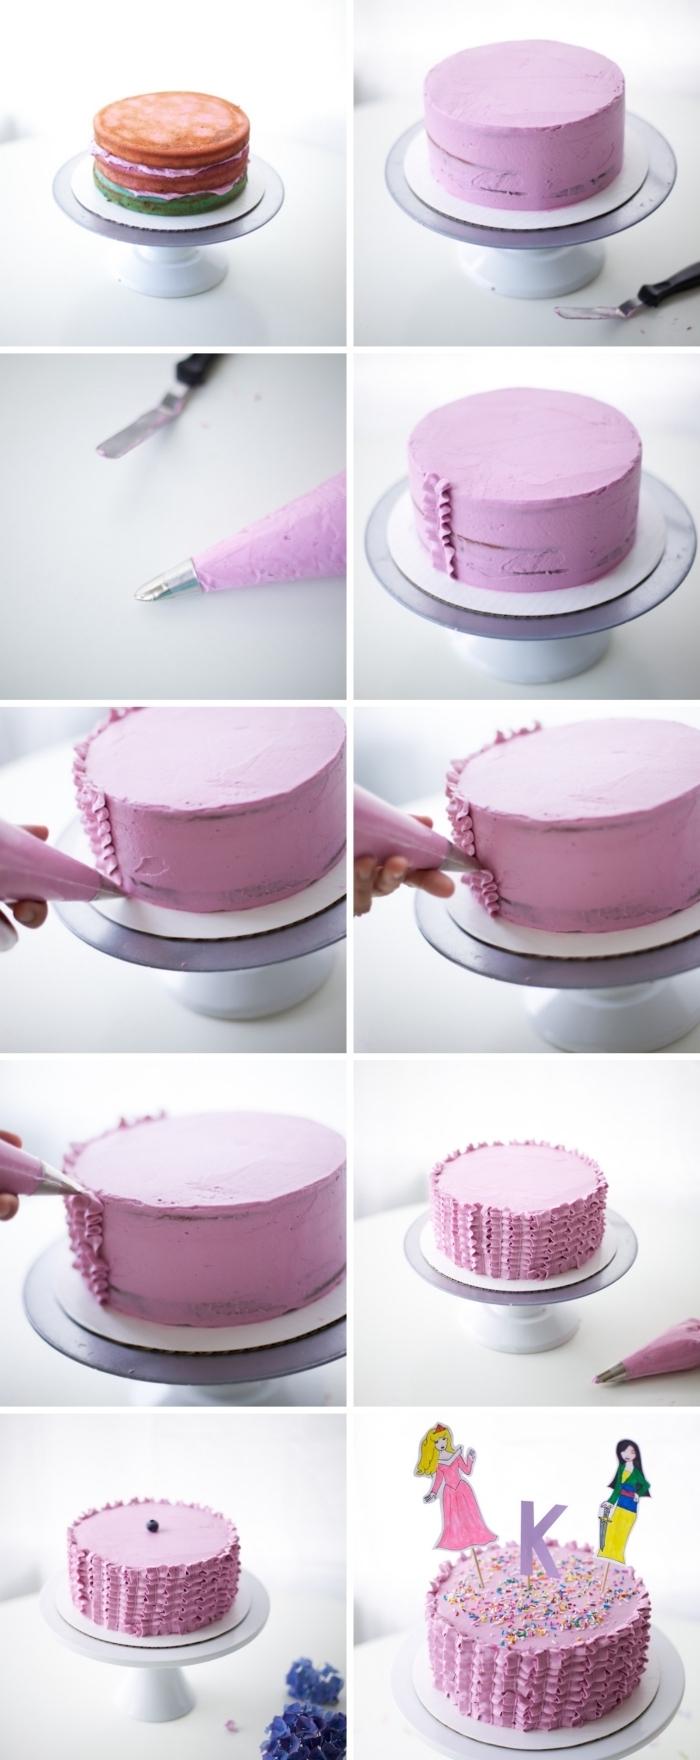 décoration gateau anniversaire facile à réaliser à l'aide du glaçage coloré violet et une poche à douille